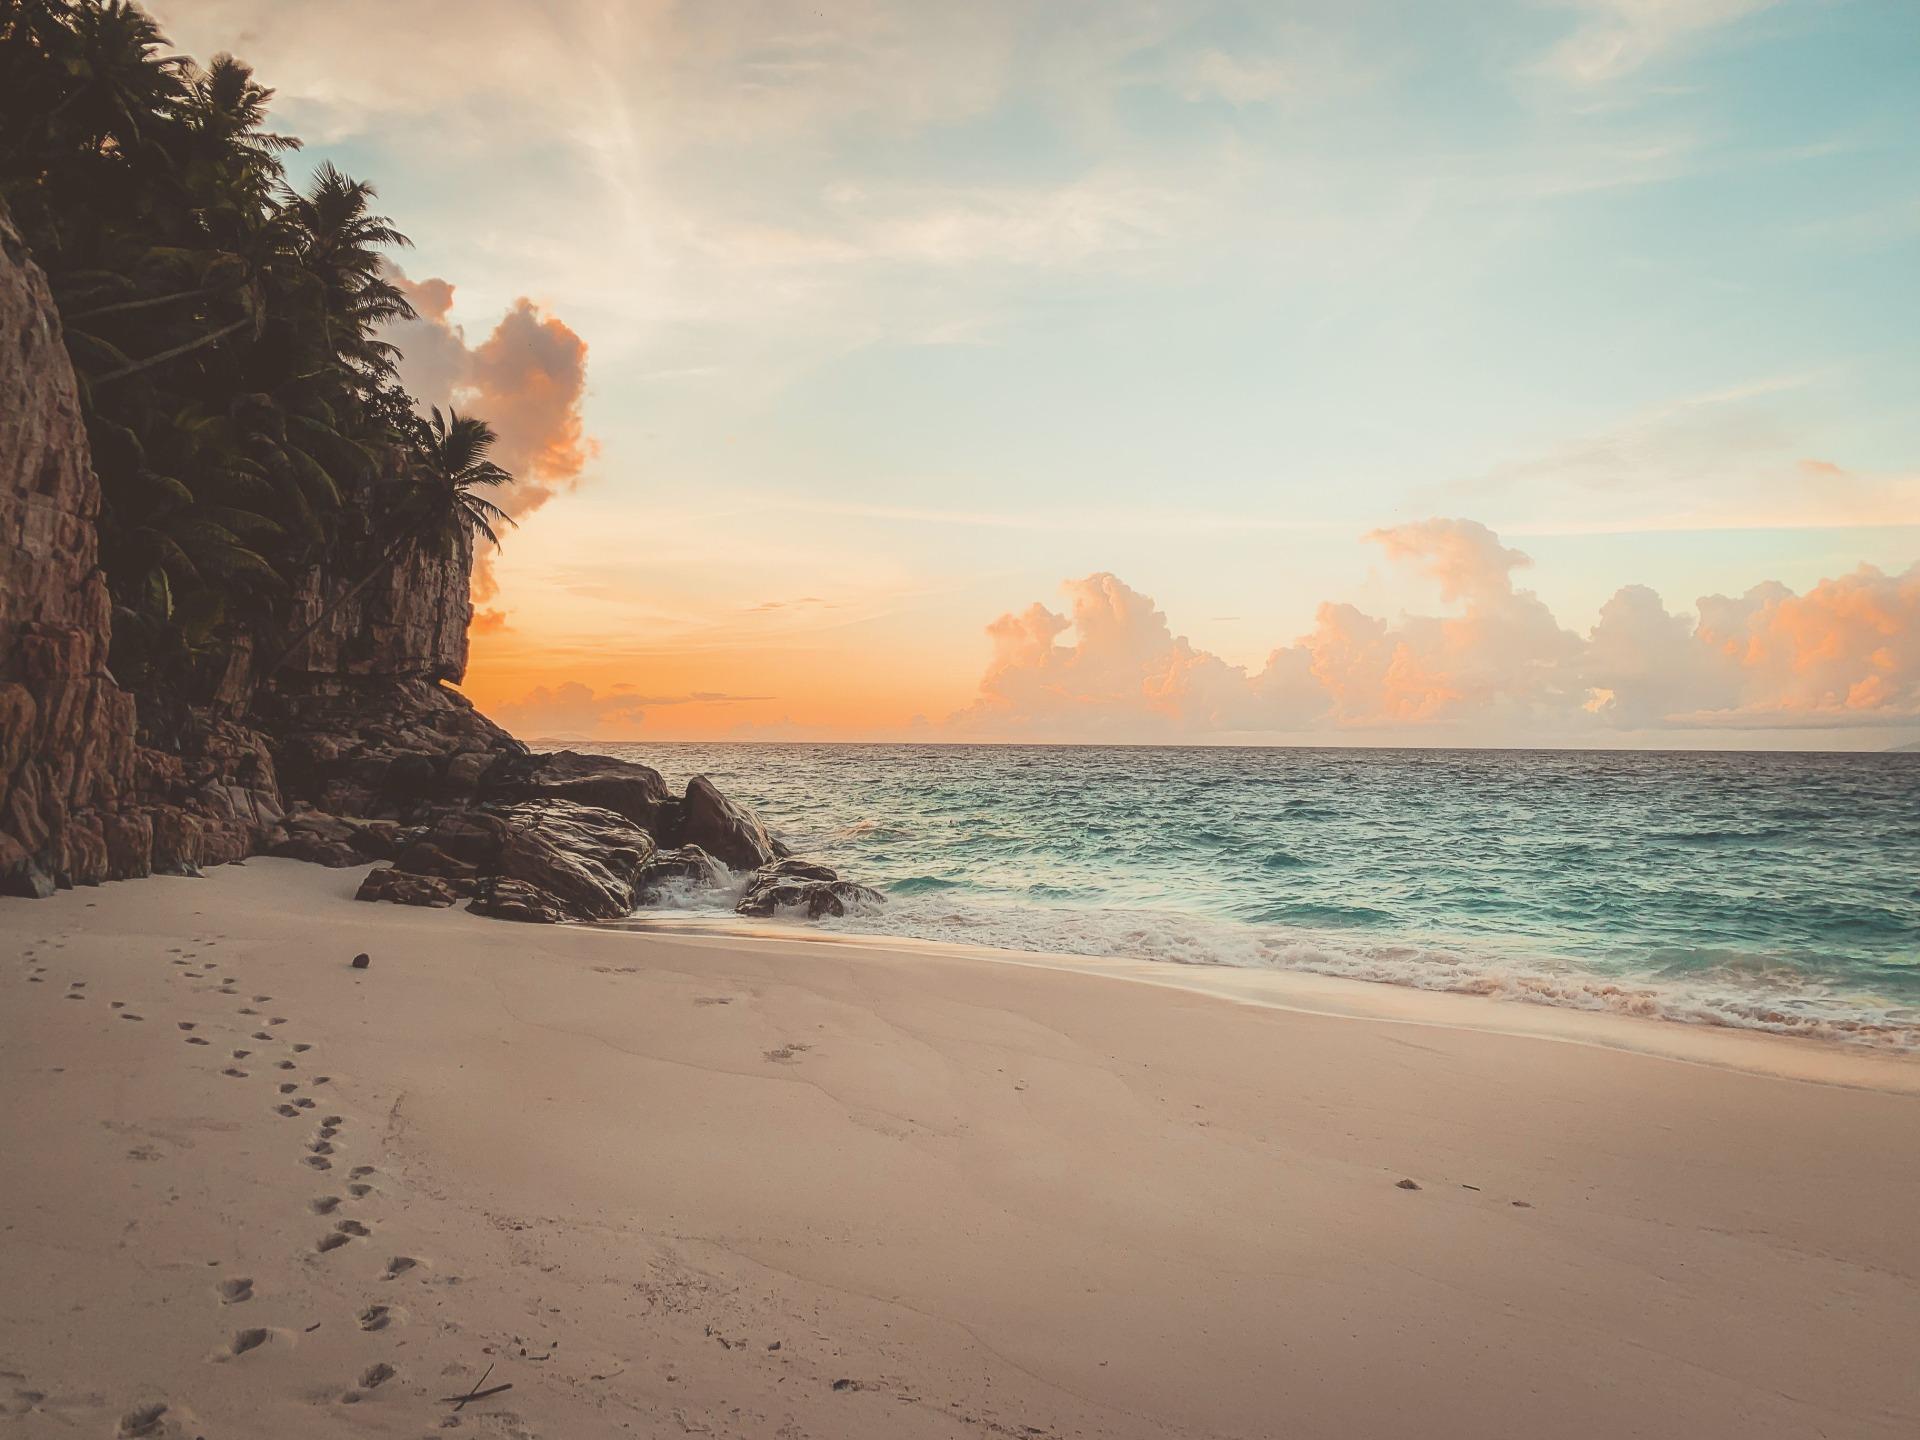 Sonnenuntergang in der Strandbucht